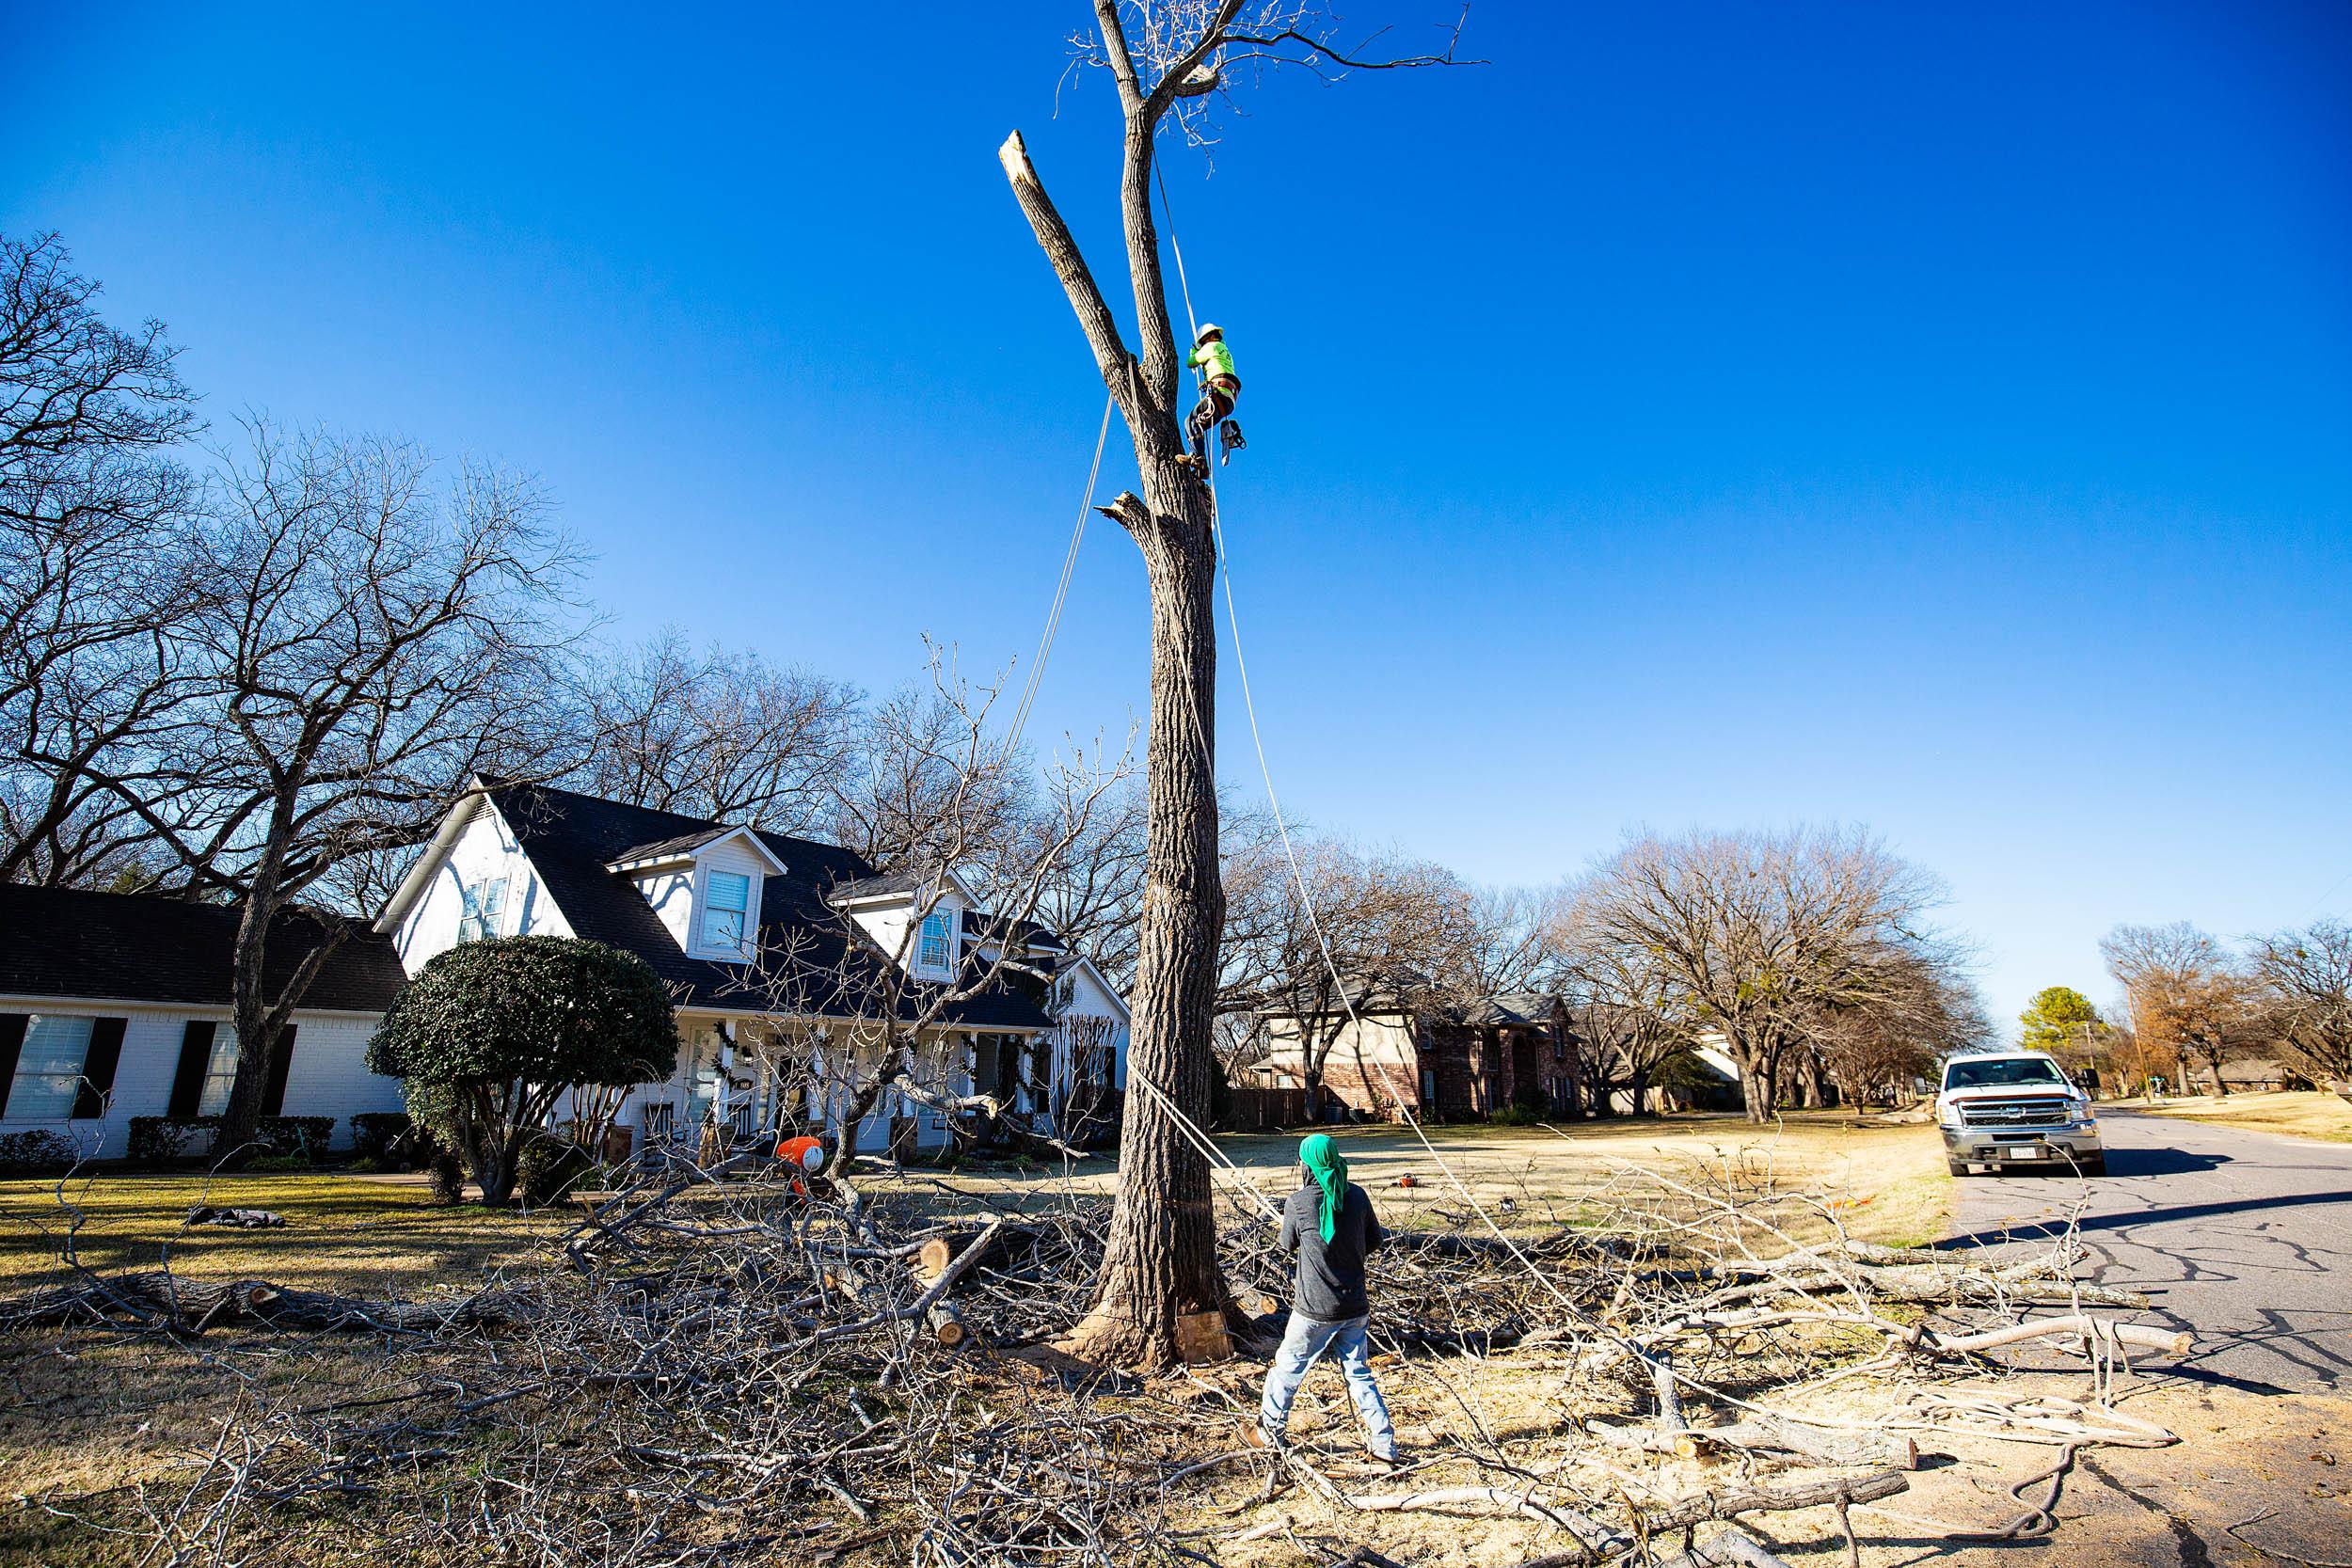 Tree Trim Service in keller Texas (24 of 49).jpg